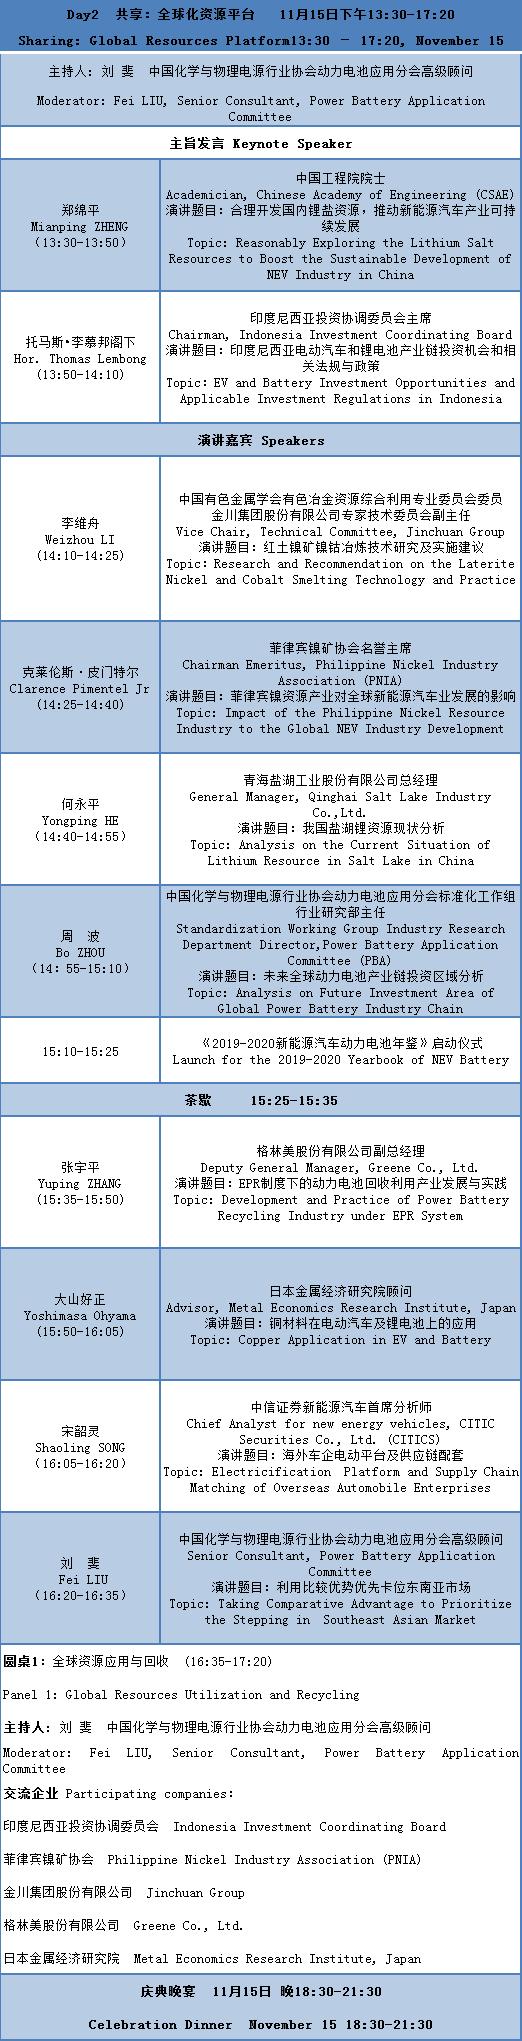 CBIS2019大会议程及部分参会企业名单公布